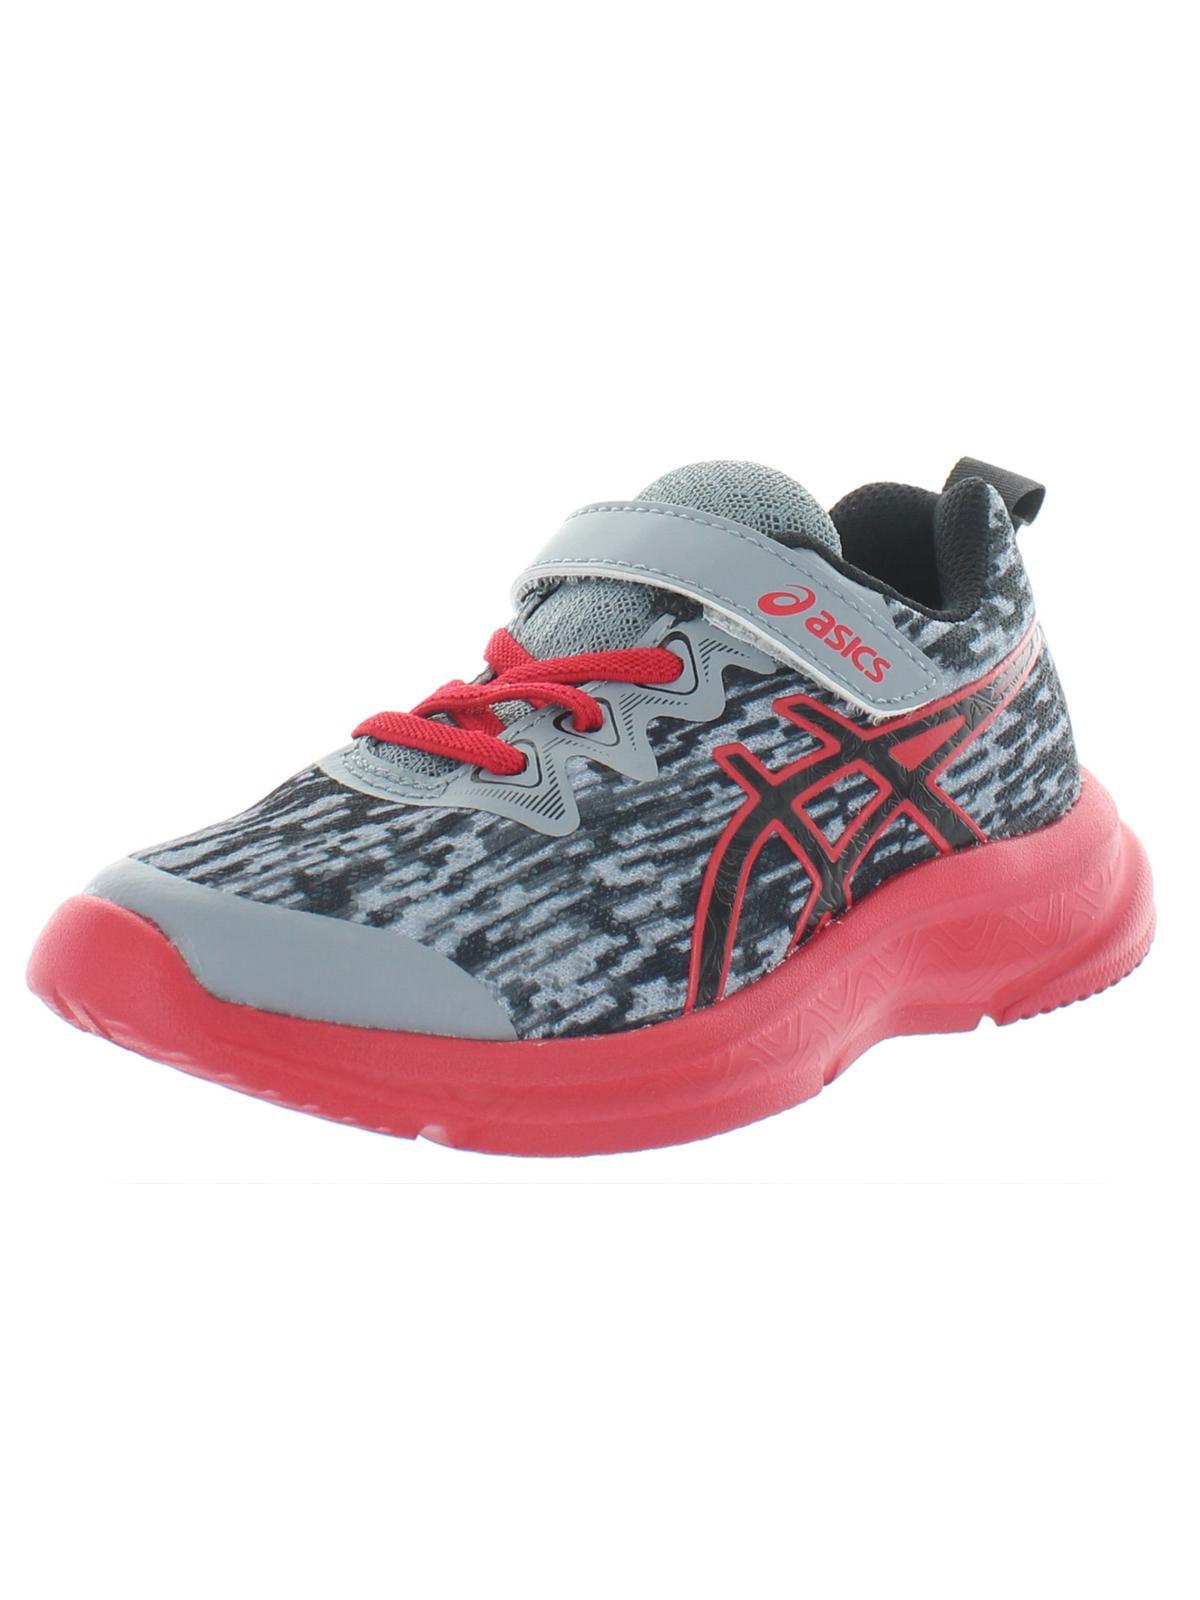 ASICS - Asics Boys Soulyte PS Mesh Slip On Running Shoes Gray 12 Medium (D) Little Kid - Walmart.com